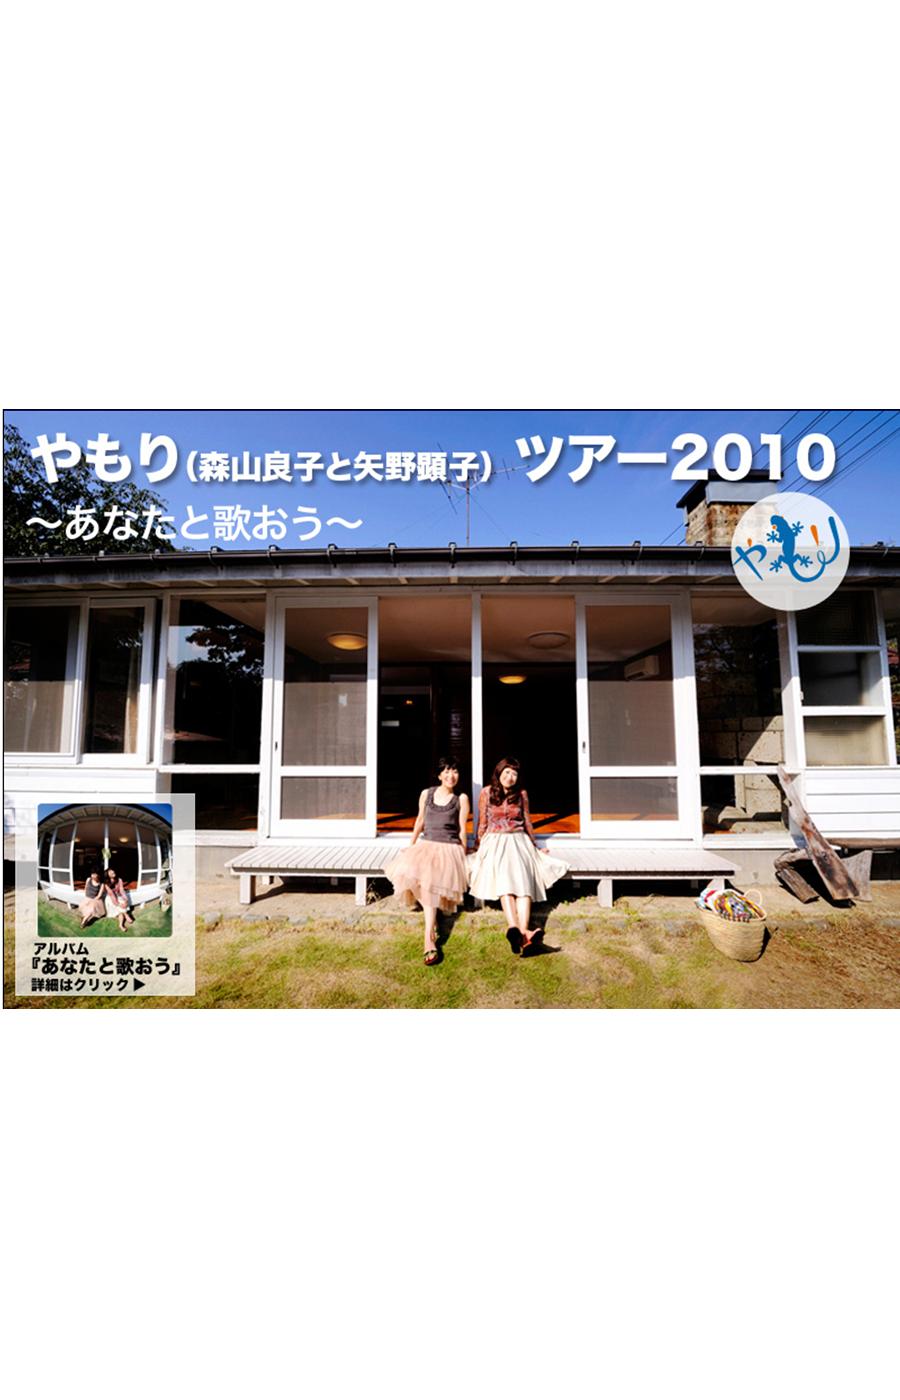 やもり(森山良子と矢野顕子) ツアー2010 〜あなたと歌おう〜